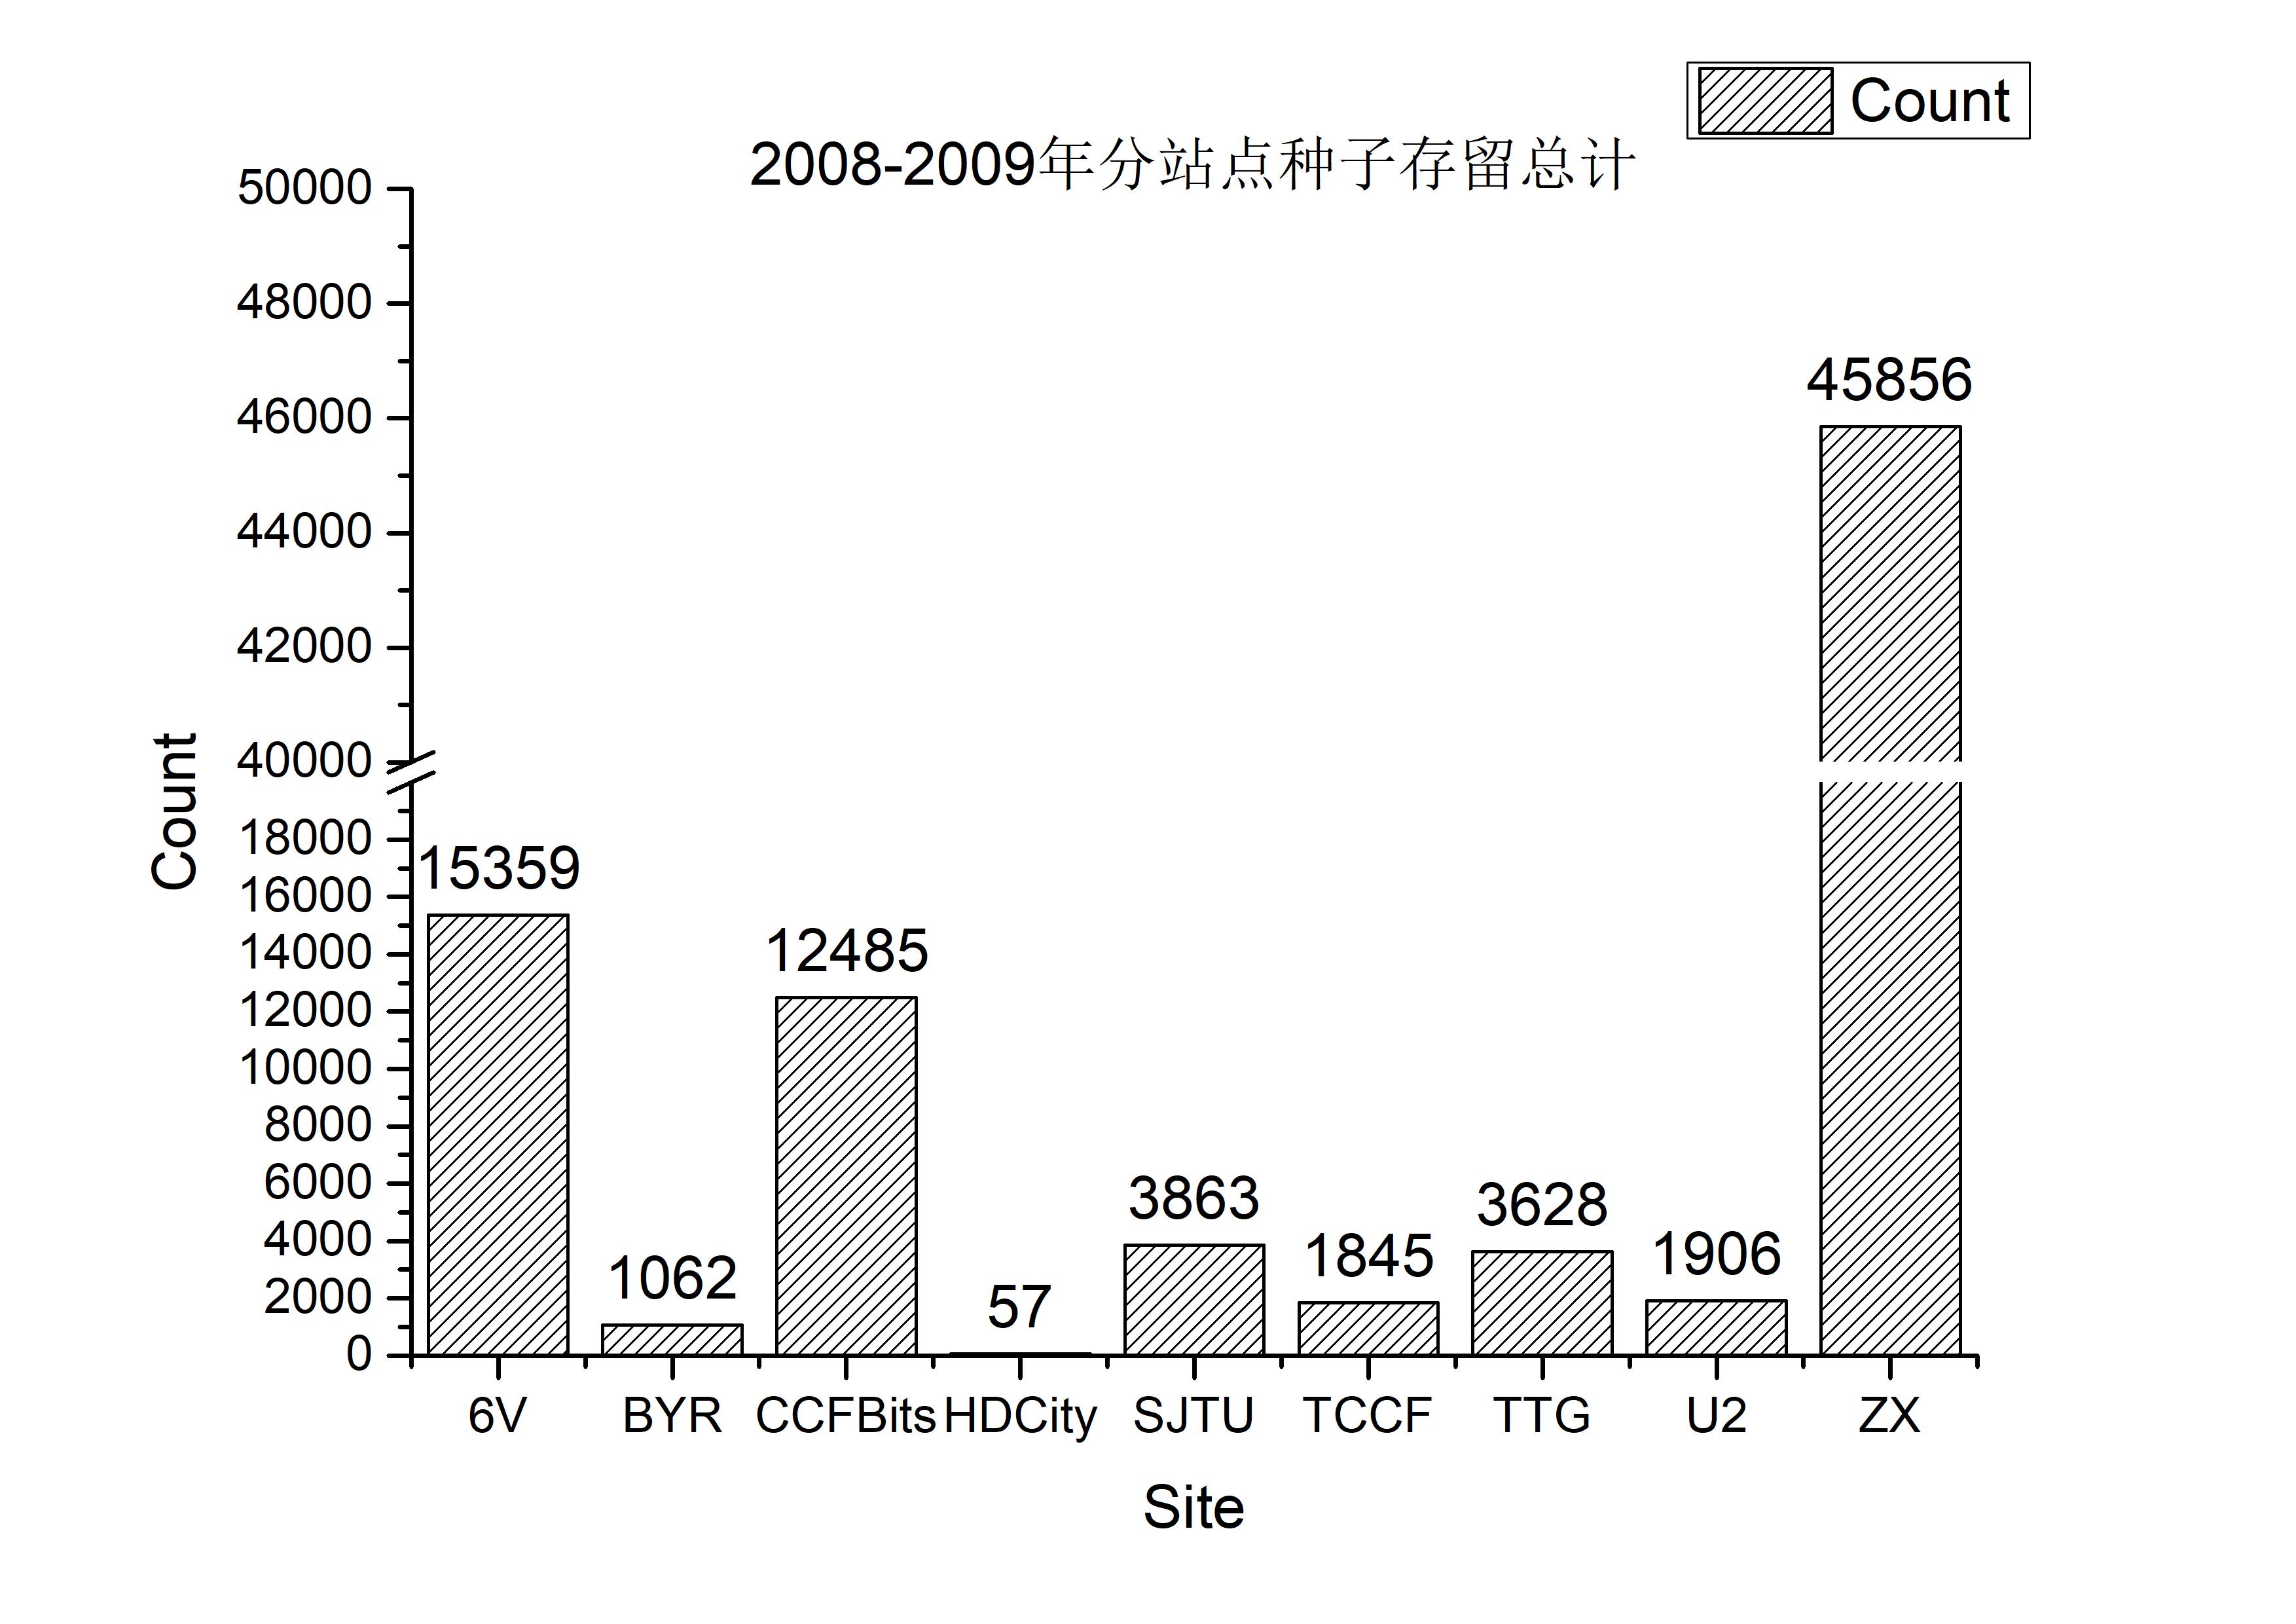 site_count_ann_2008-2009.jpg